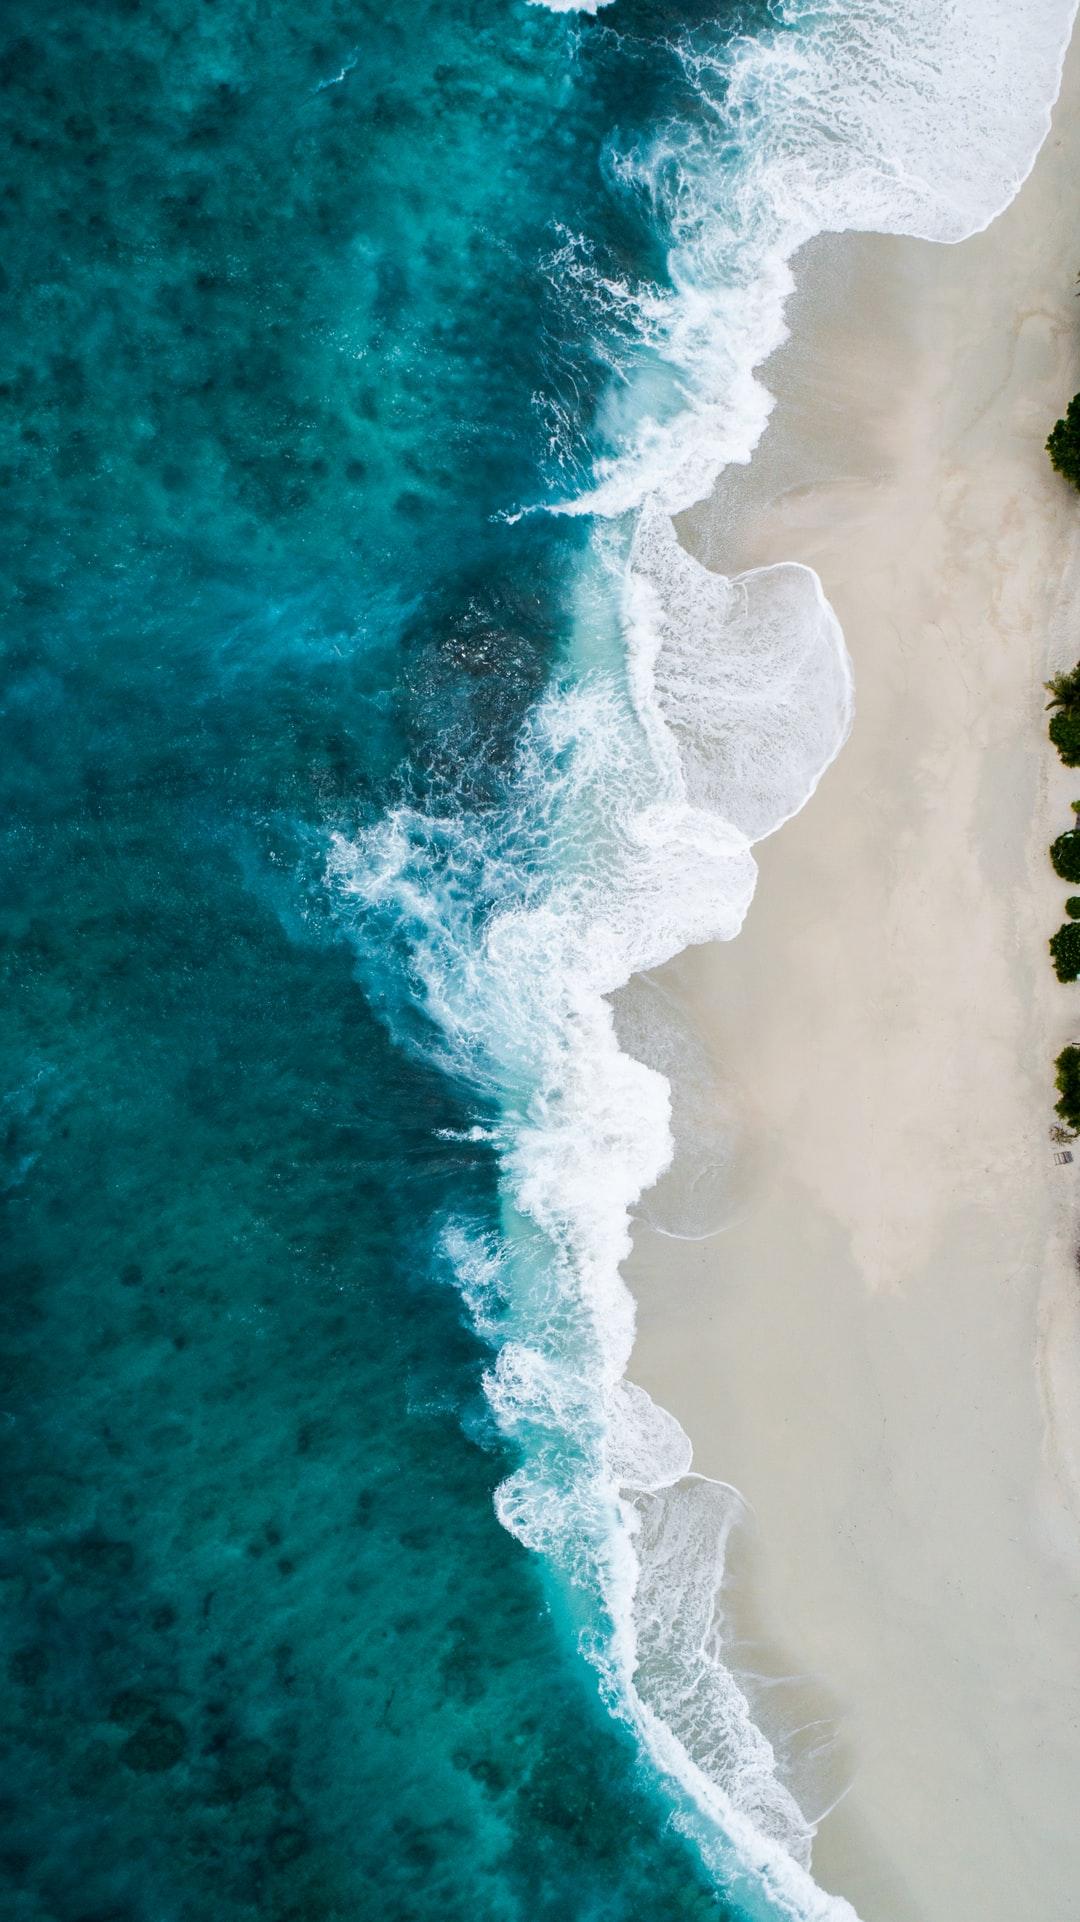 Beach Wallpapers HD Download [500 HQ] Unsplash 1080x1922